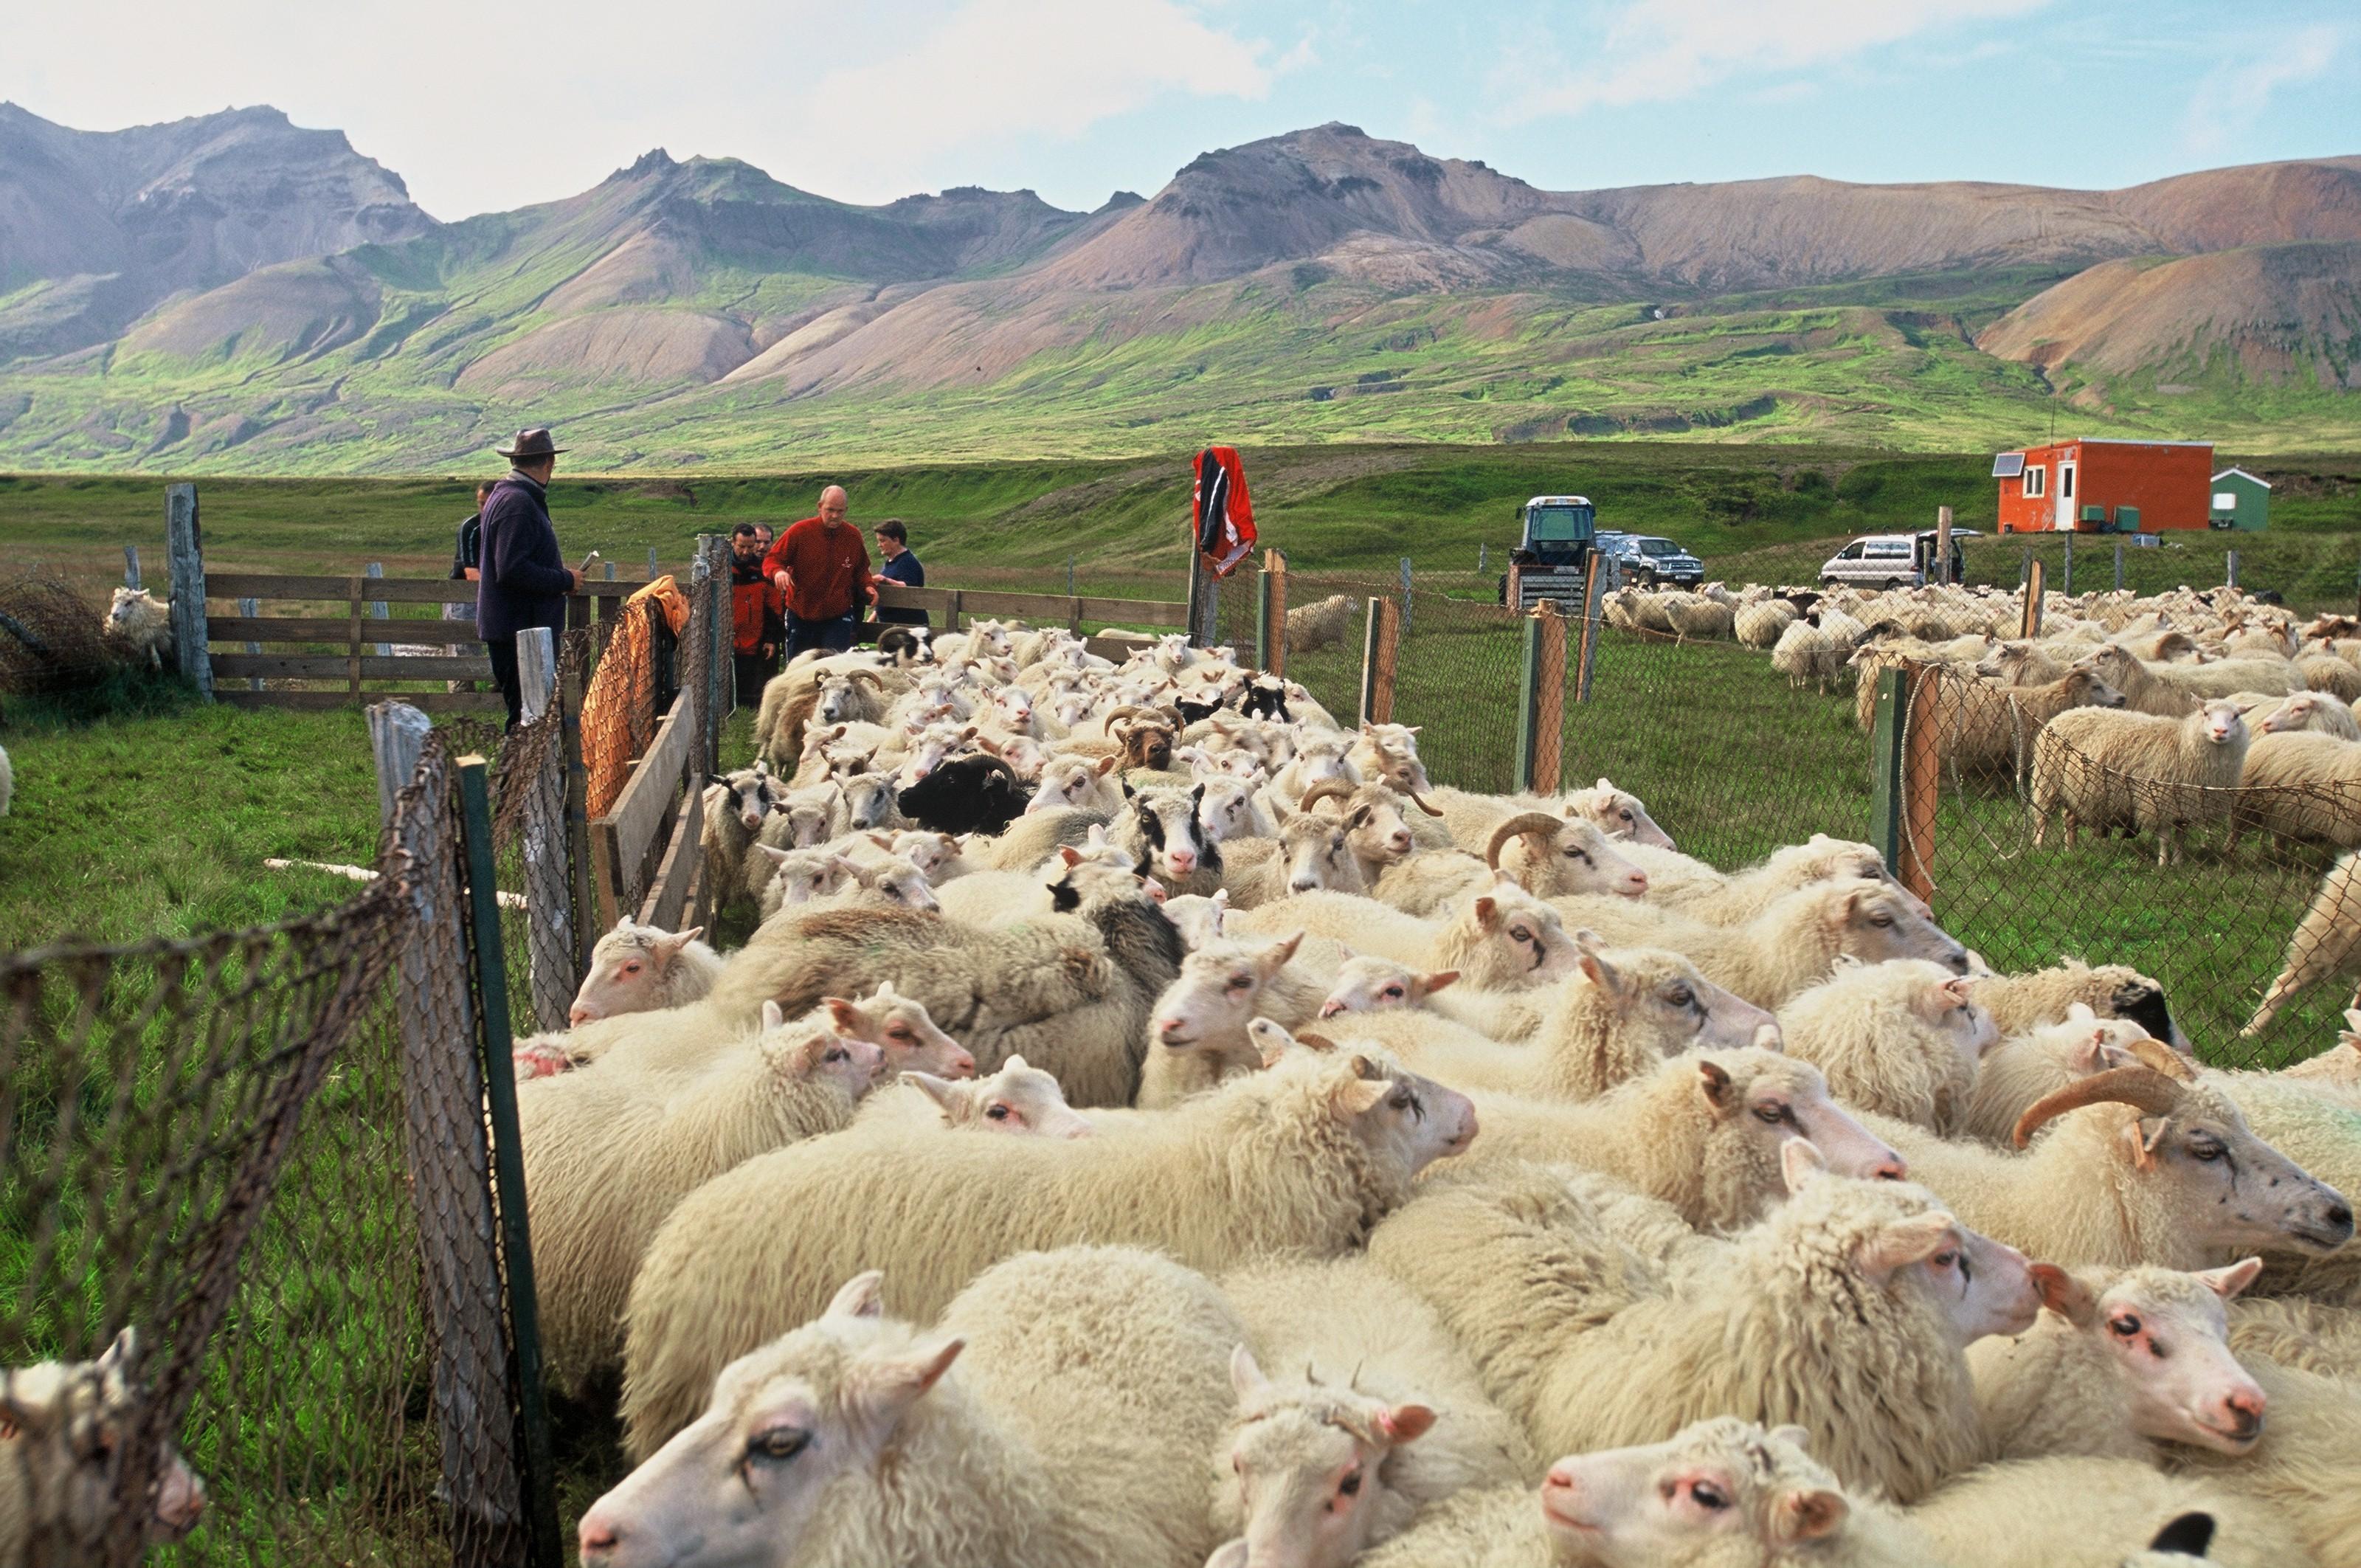 最后一批正在等待被冰岛农民带回家的冰岛羊